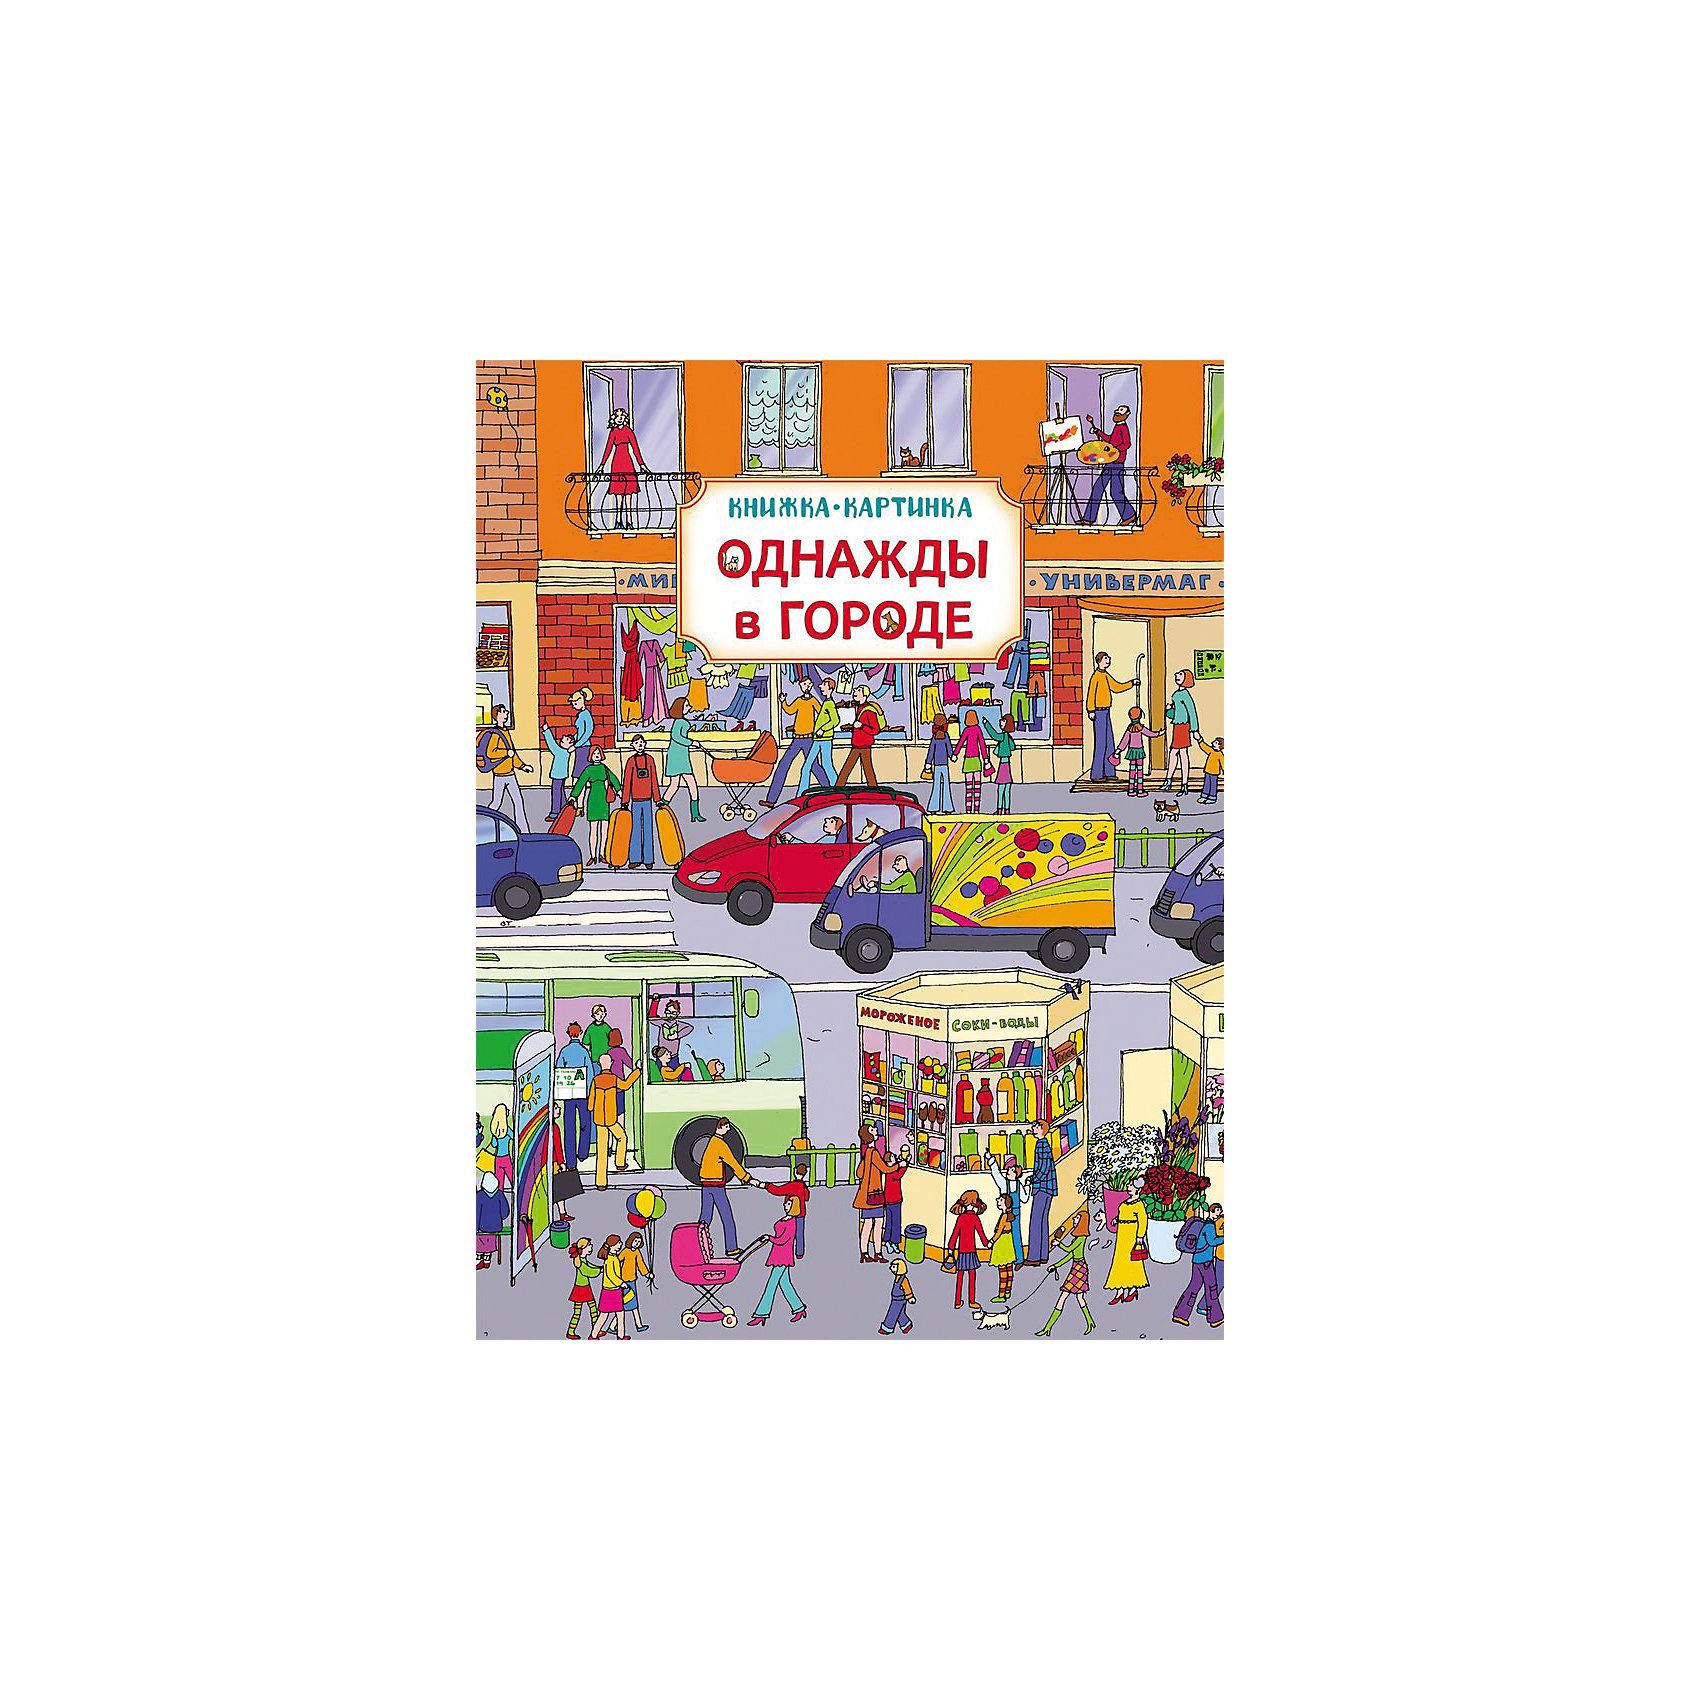 Книжка-картинка Однажды в городеТесты и задания<br>Книжка-картинка Однажды в городе<br><br>Характеристики:<br><br><br>• ISBN: 9785353082057<br>• Количество страниц: 28<br>• Формат: А4   <br>• Обложка: твердая <br><br>Эта книга принадлежит к новому жанру - виммельбух, то есть книги, которая рассказывает историю не текстом, а картинками. Каждая иллюстрация занимает целый разворот. Всего их 14. Иллюстрации обширны и детализированы и позволяют изучать и рассматривать себя часами, каждый раз открывая что-то новое. Используя эту книгу, ребенок сможет сам сочинить истории о жизни героев, изображенных на страницах книги, или же это могут сделать родители, используя книгу как основу для придумывания сказок вместе со своими детьми.<br><br>Книжка-картинка Однажды в городе можно купить в нашем интернет-магазине.<br><br>Ширина мм: 310<br>Глубина мм: 234<br>Высота мм: 120<br>Вес г: 440<br>Возраст от месяцев: -2147483648<br>Возраст до месяцев: 2147483647<br>Пол: Унисекс<br>Возраст: Детский<br>SKU: 5507114